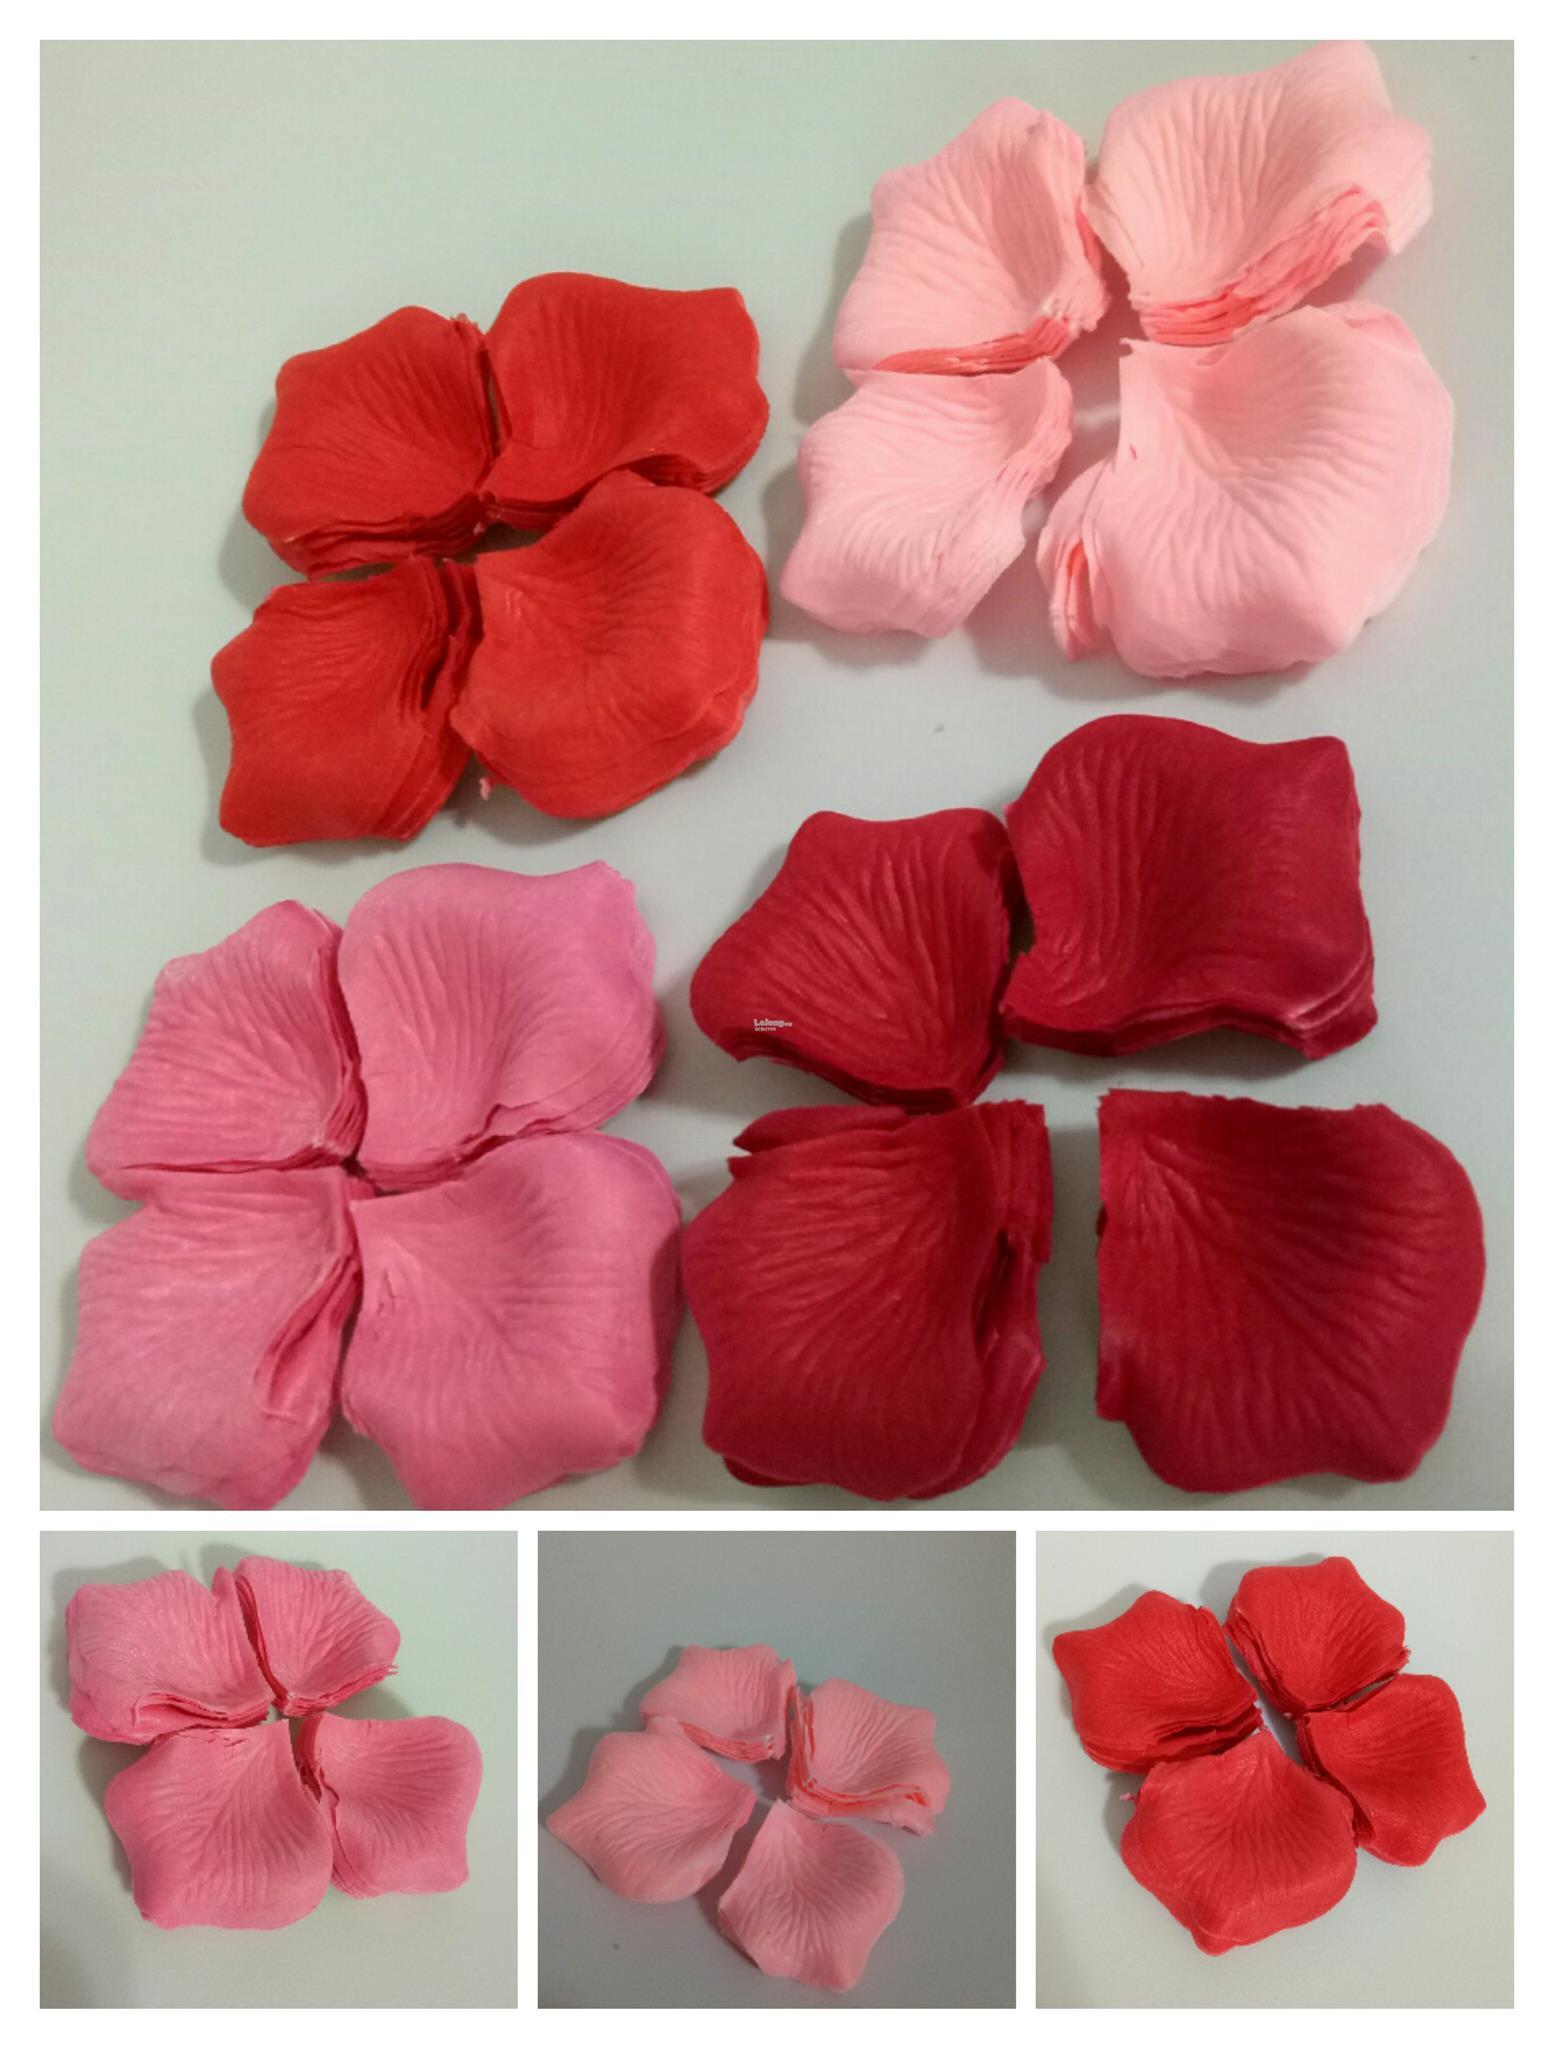 Wedding Valentine Birthday Party Decoration   Flower Rose Petals